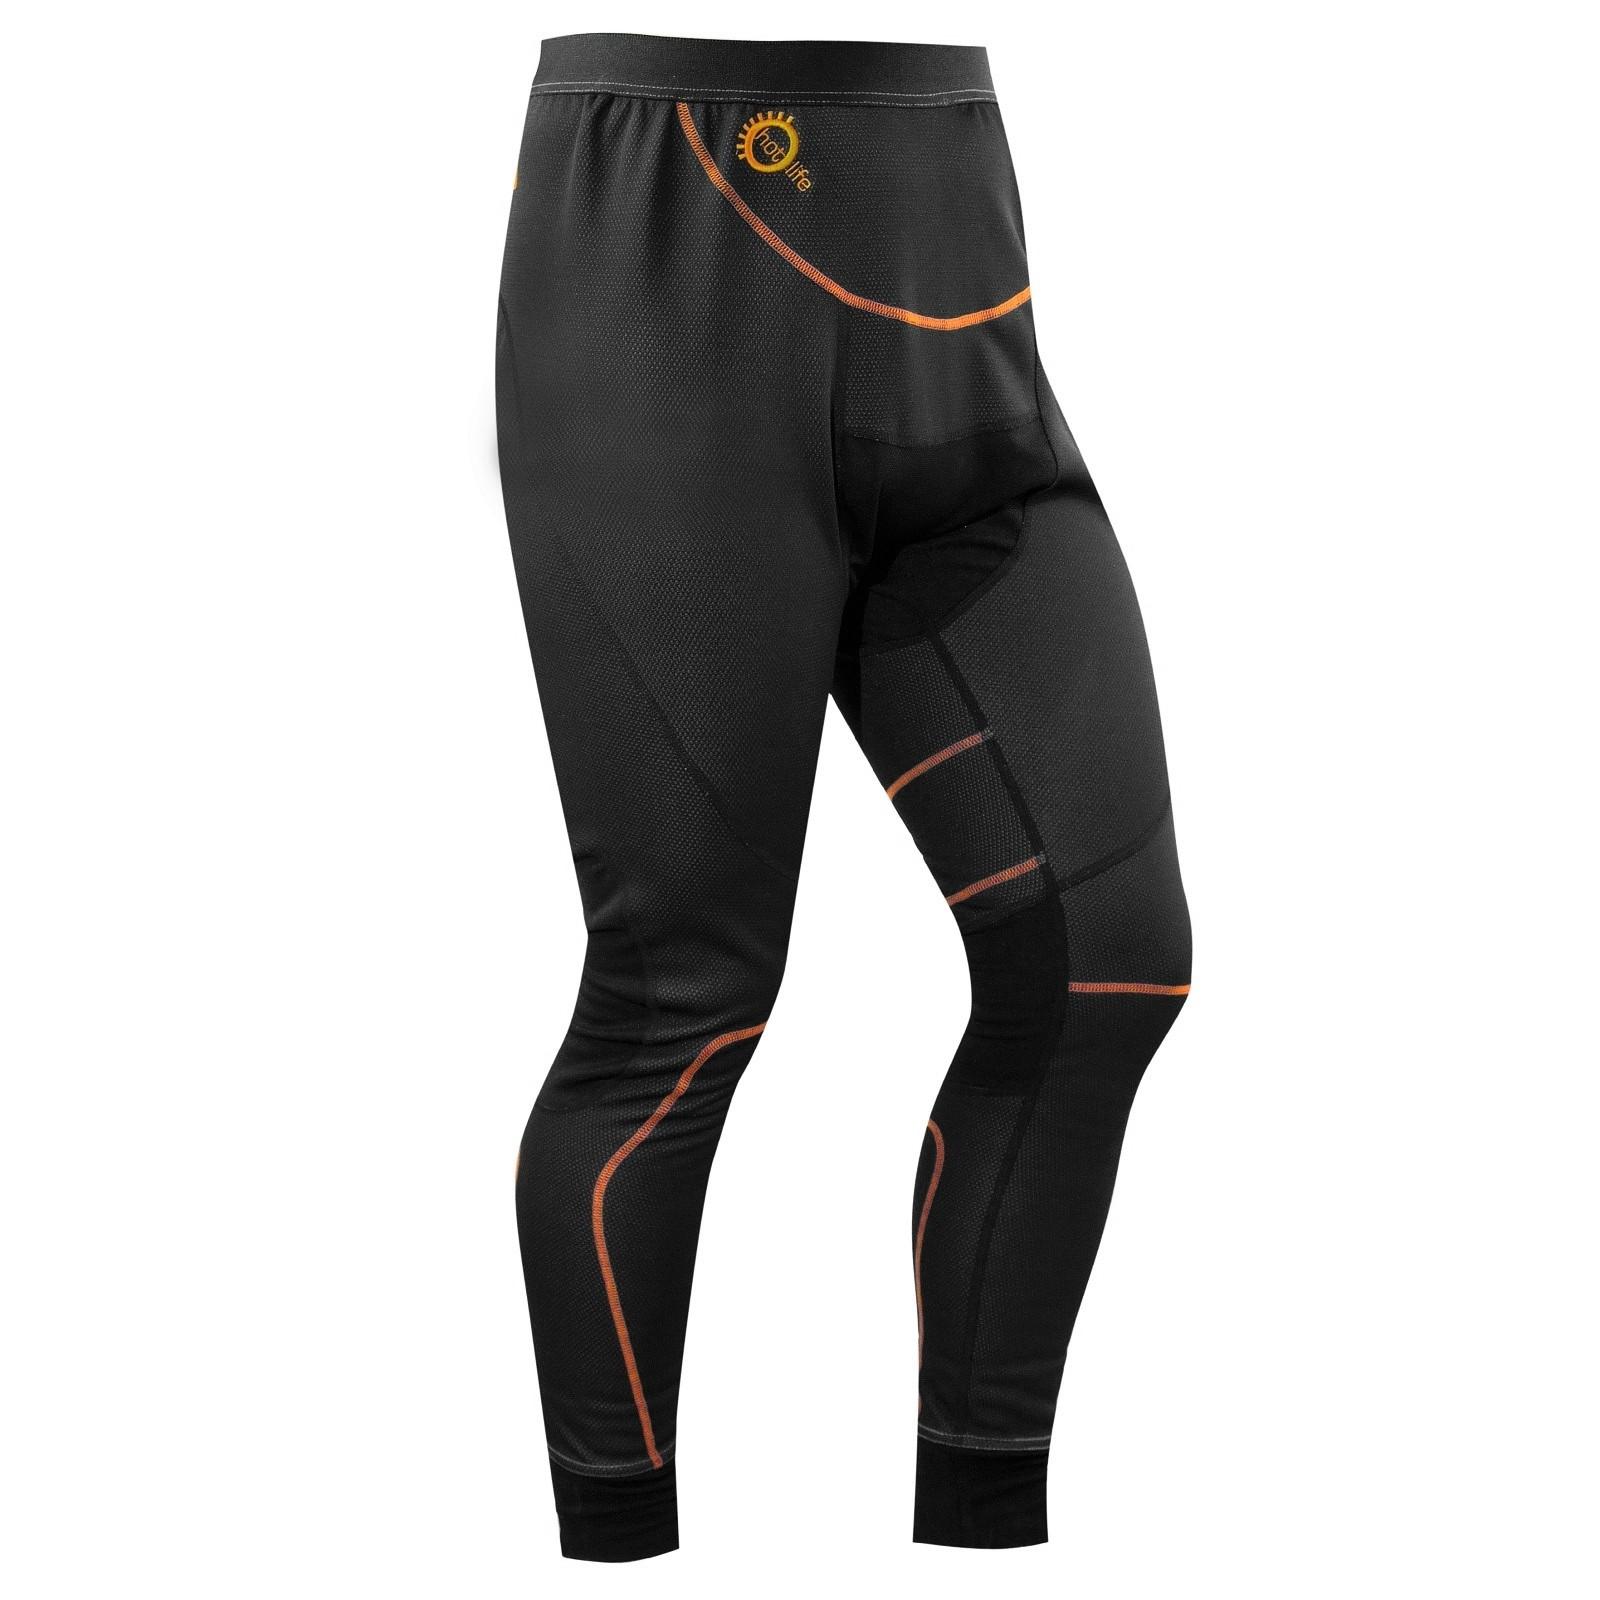 design innovativo 29914 0605c Pantaloni Termico Sottotuta Moto Intimo Tecnico Invernale Wind Stopper Uomo